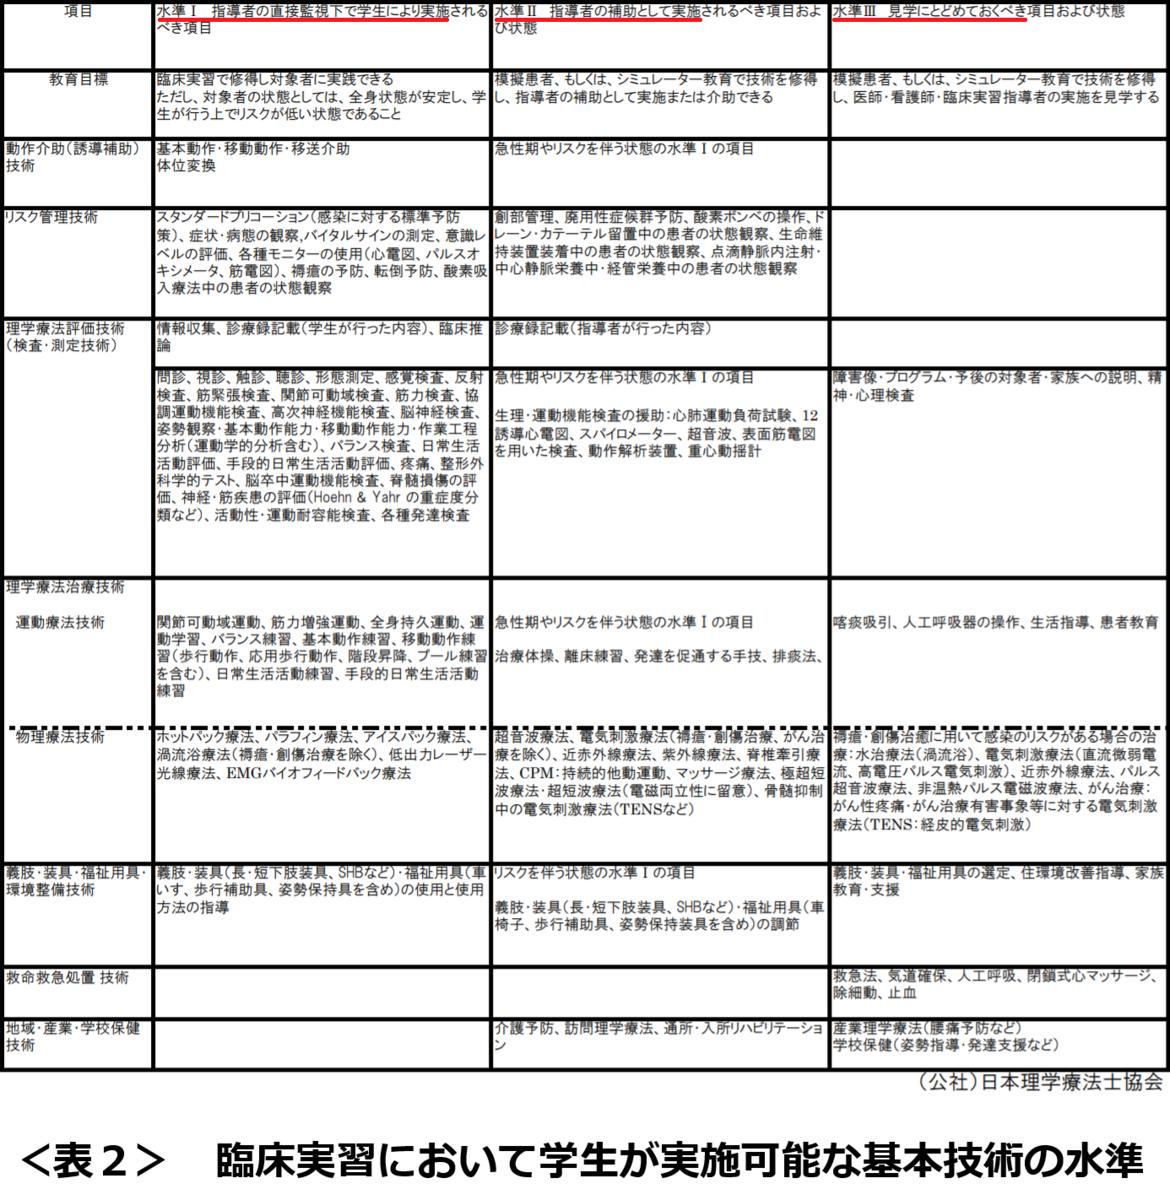 f:id:sunao-hiroba:20200131180540p:plain